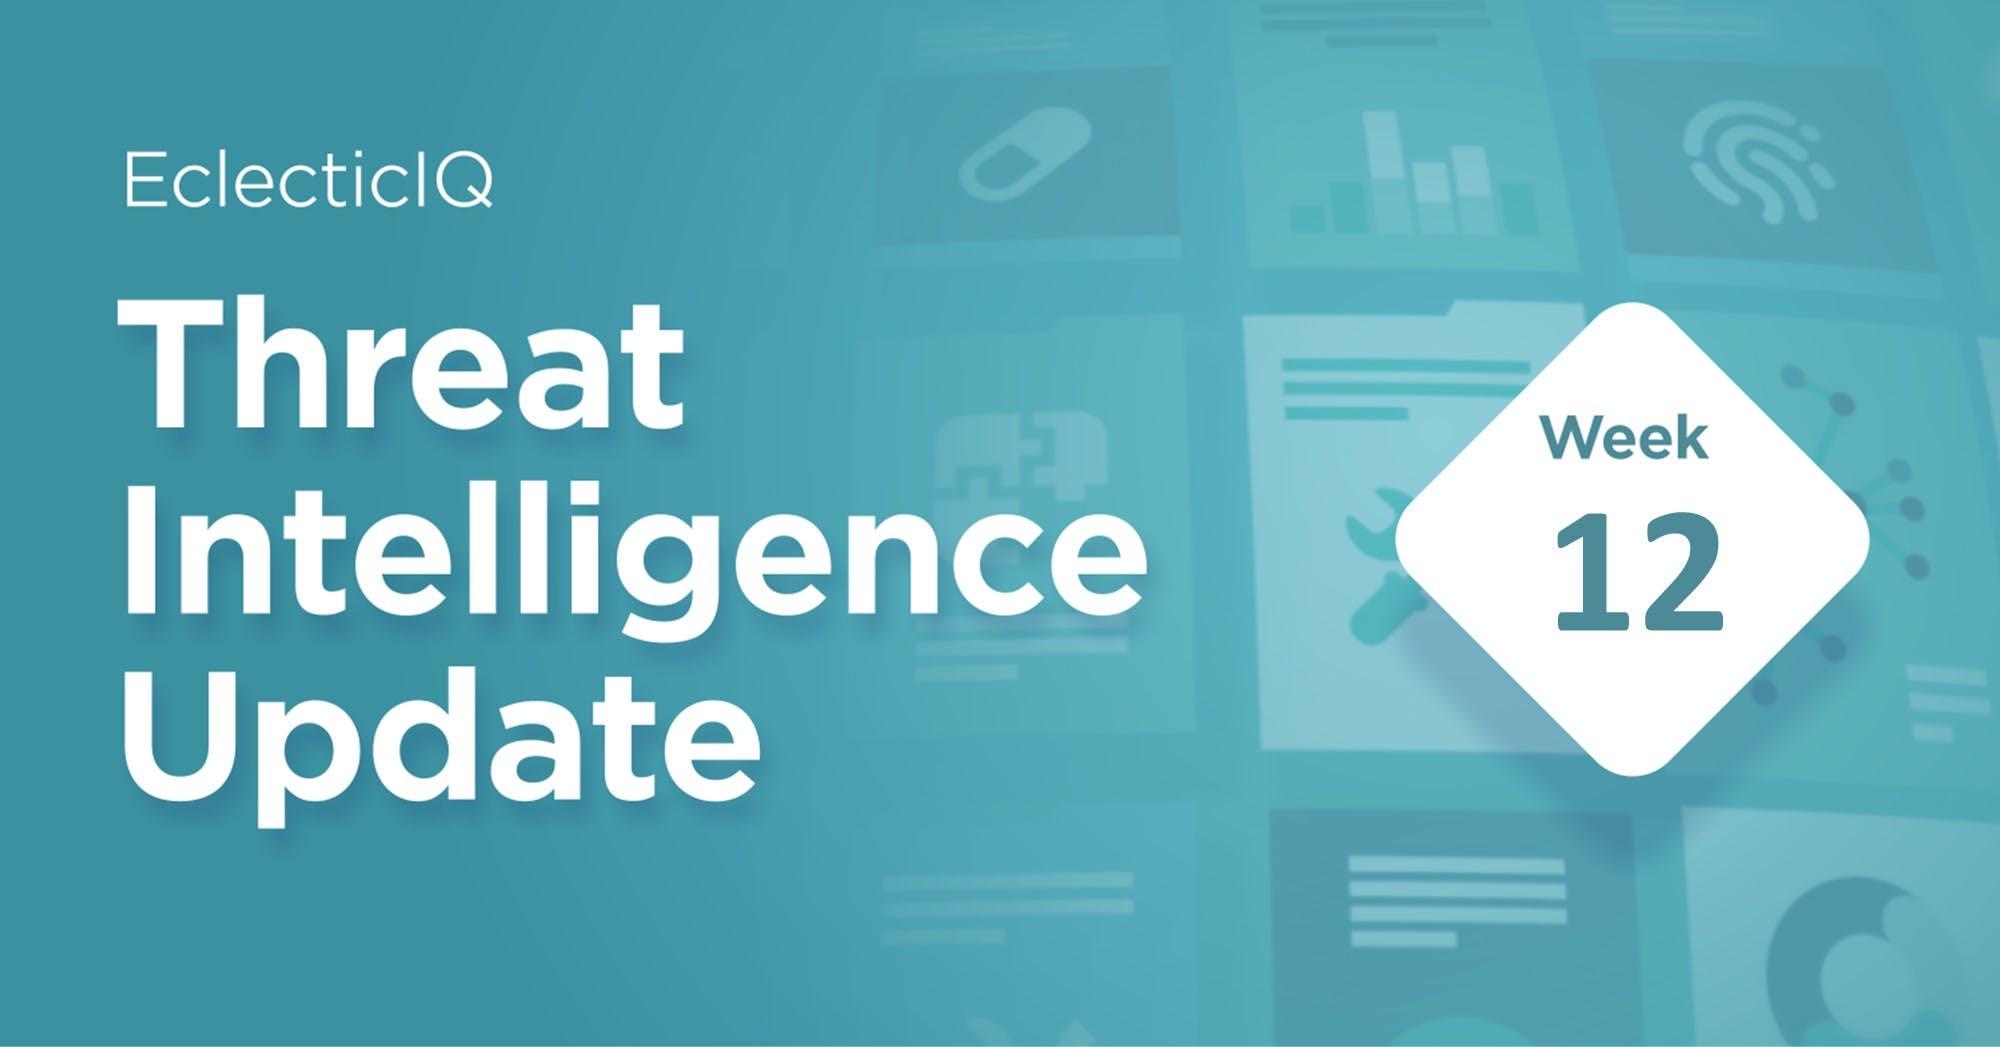 Week 12 EIQ_gen_intel_update_image